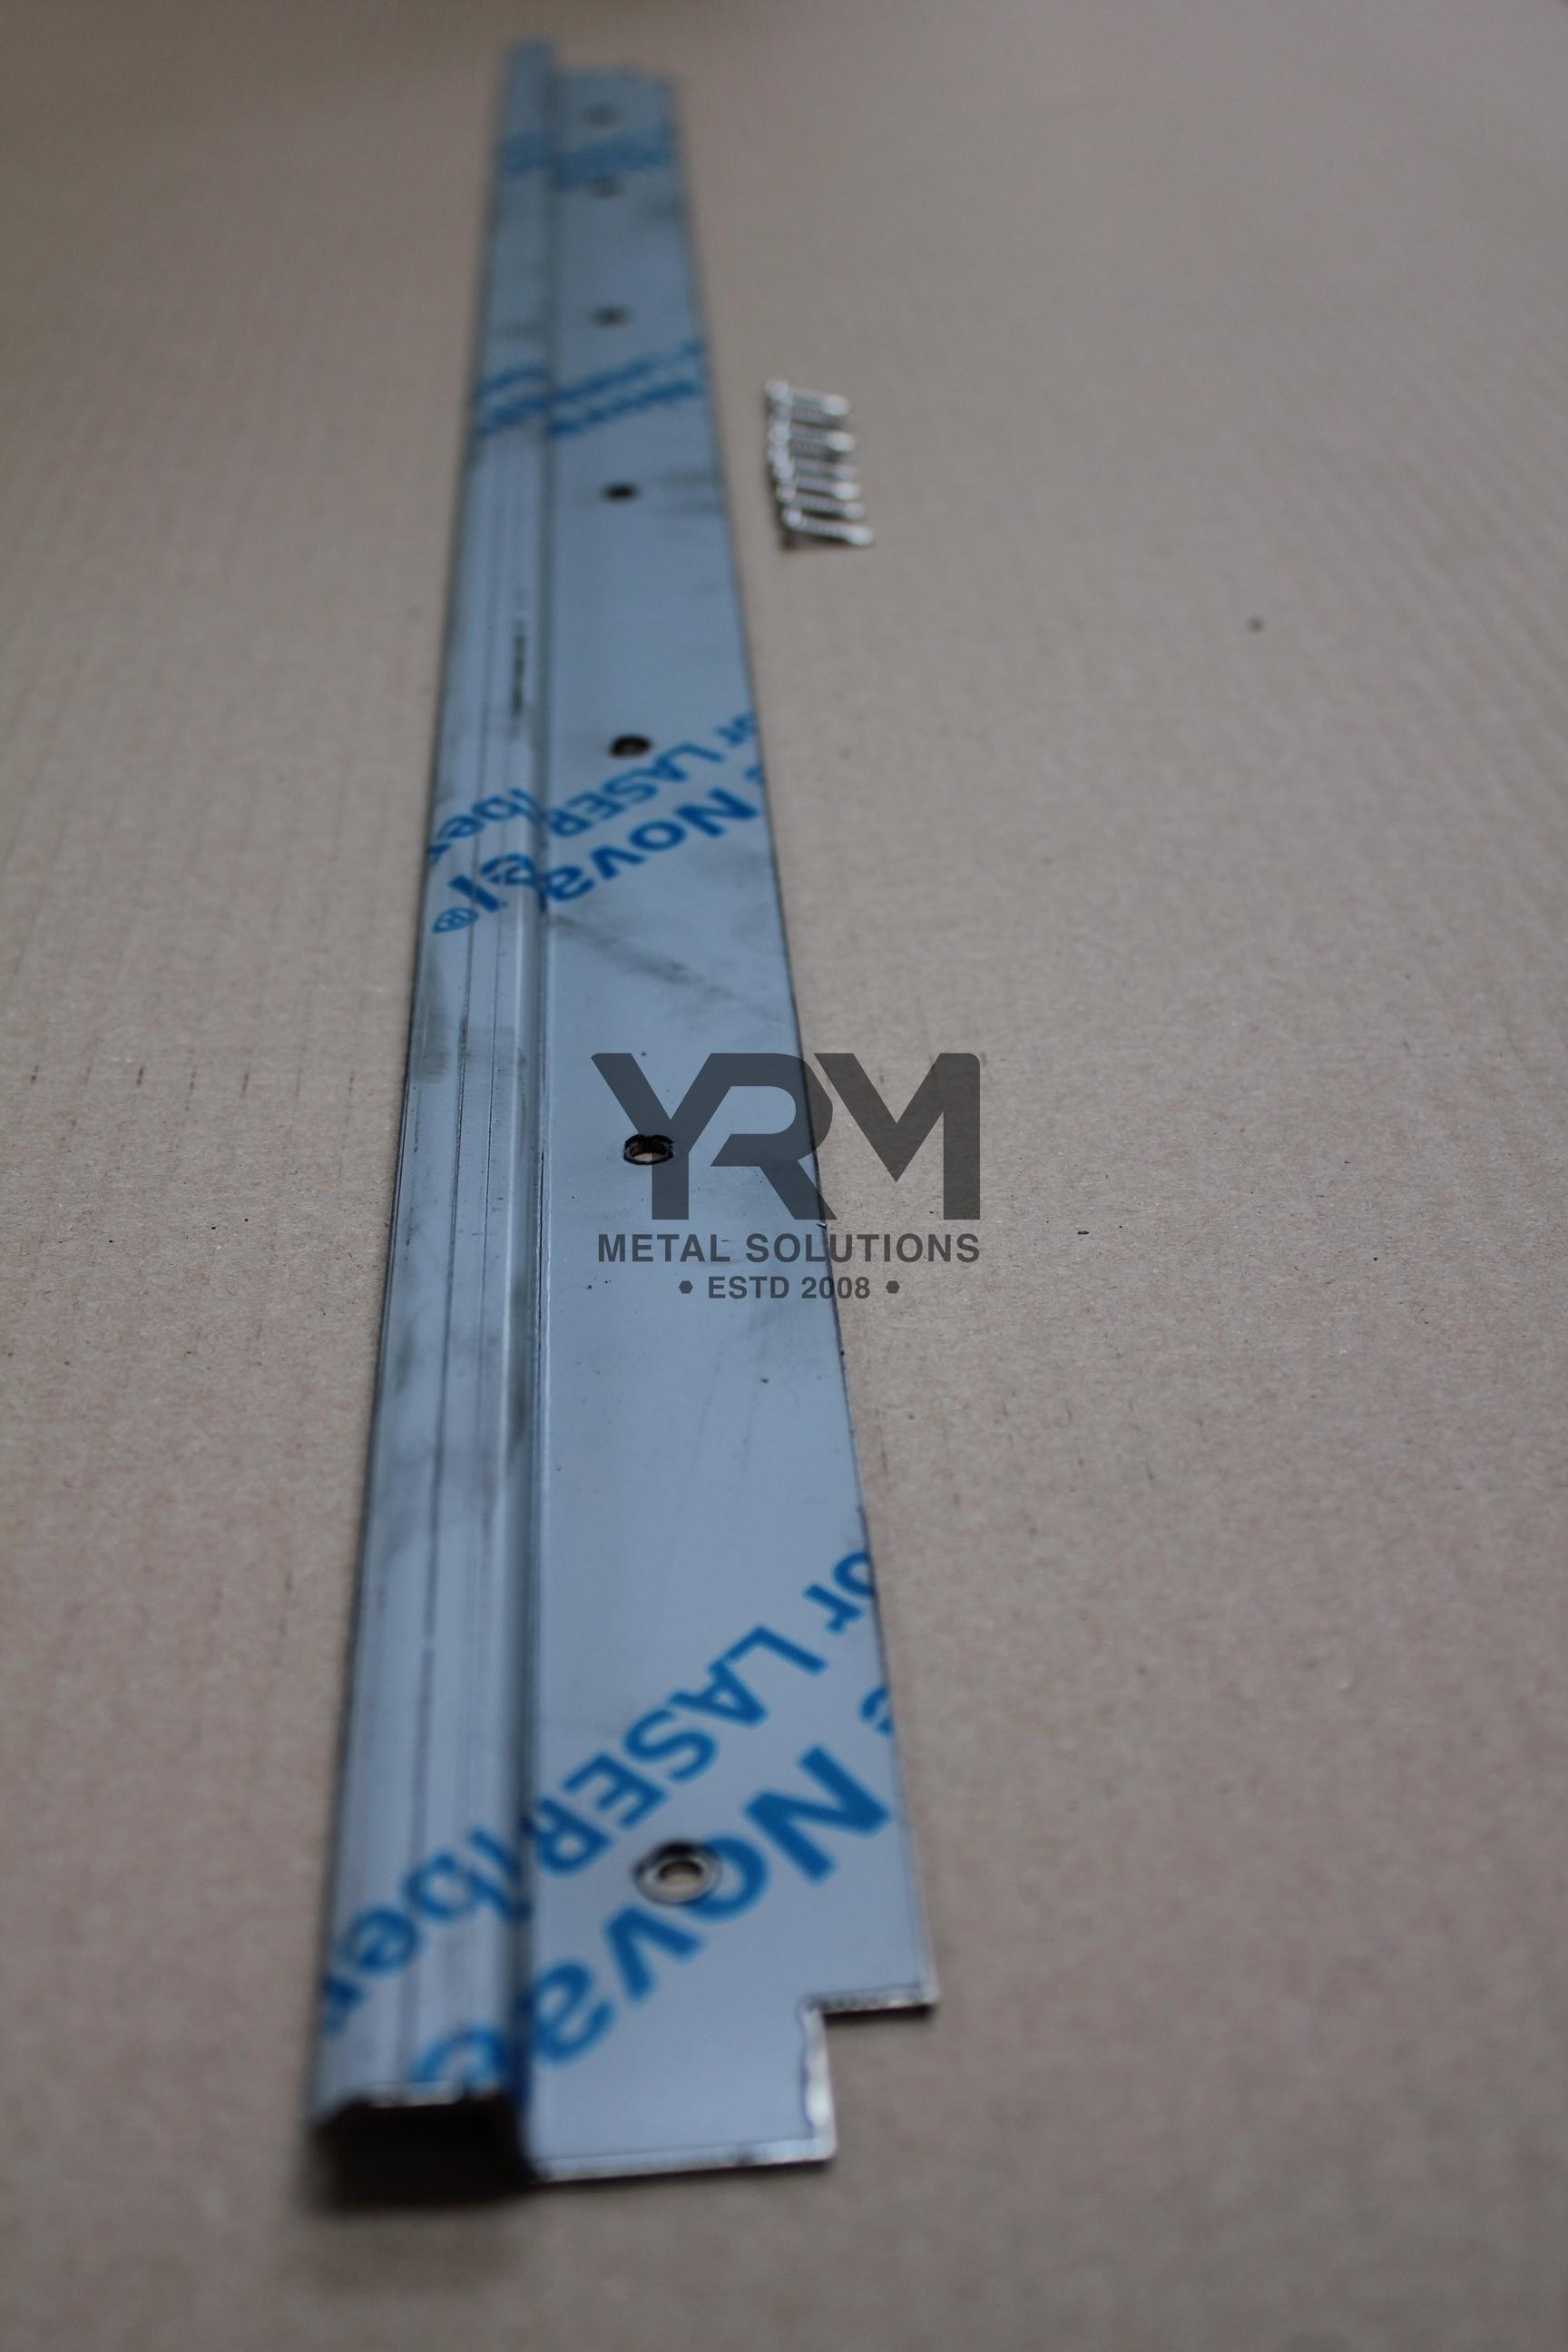 Rear Stainless Steel Door Thresh Yrm Metal Solutions